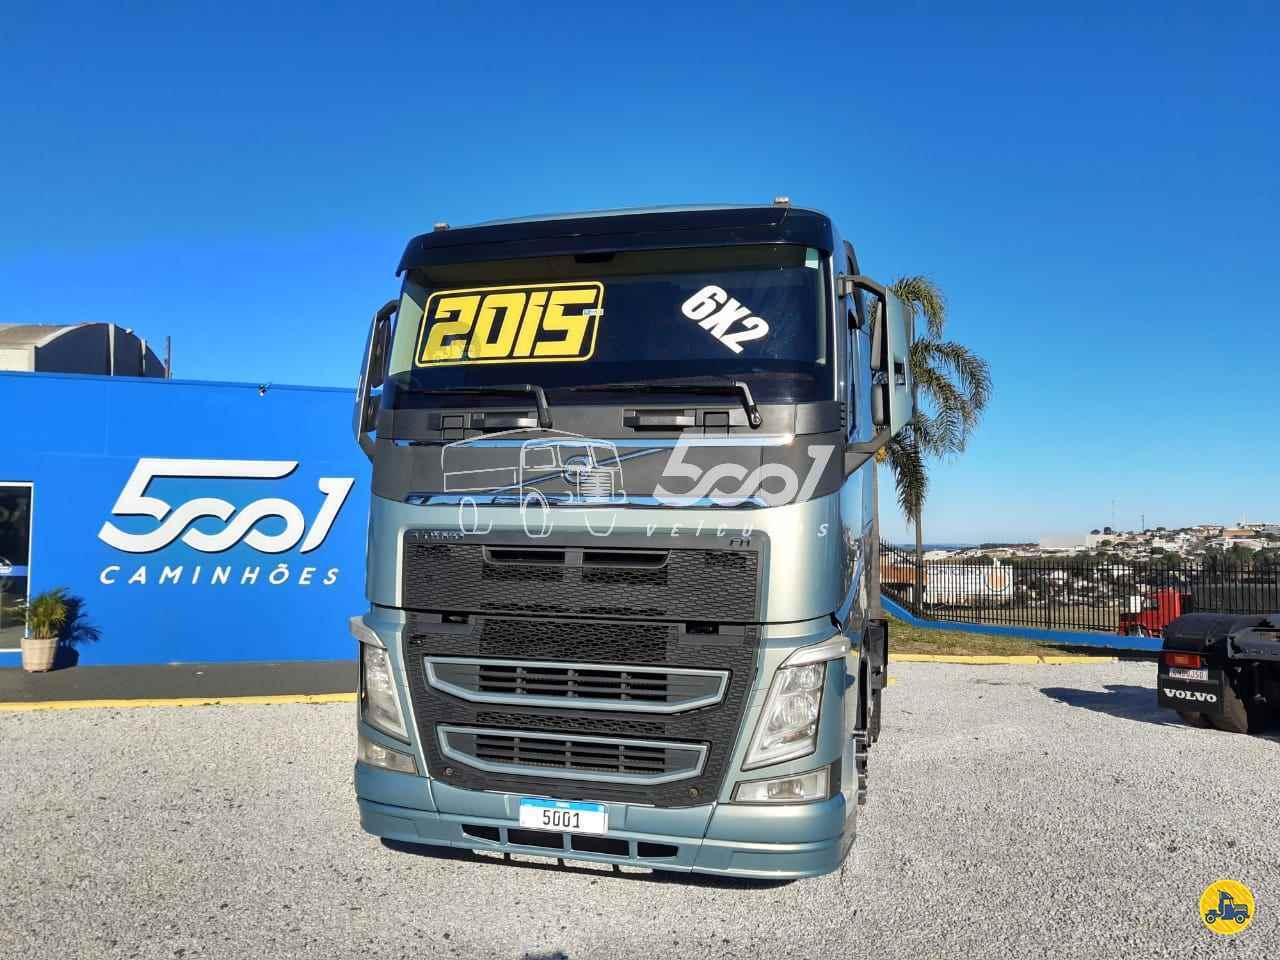 CAMINHAO VOLVO VOLVO FH 420 Cavalo Mecânico Truck 6x2 5001 Veículos - Ponta Grossa PONTA GROSSA PARANÁ PR